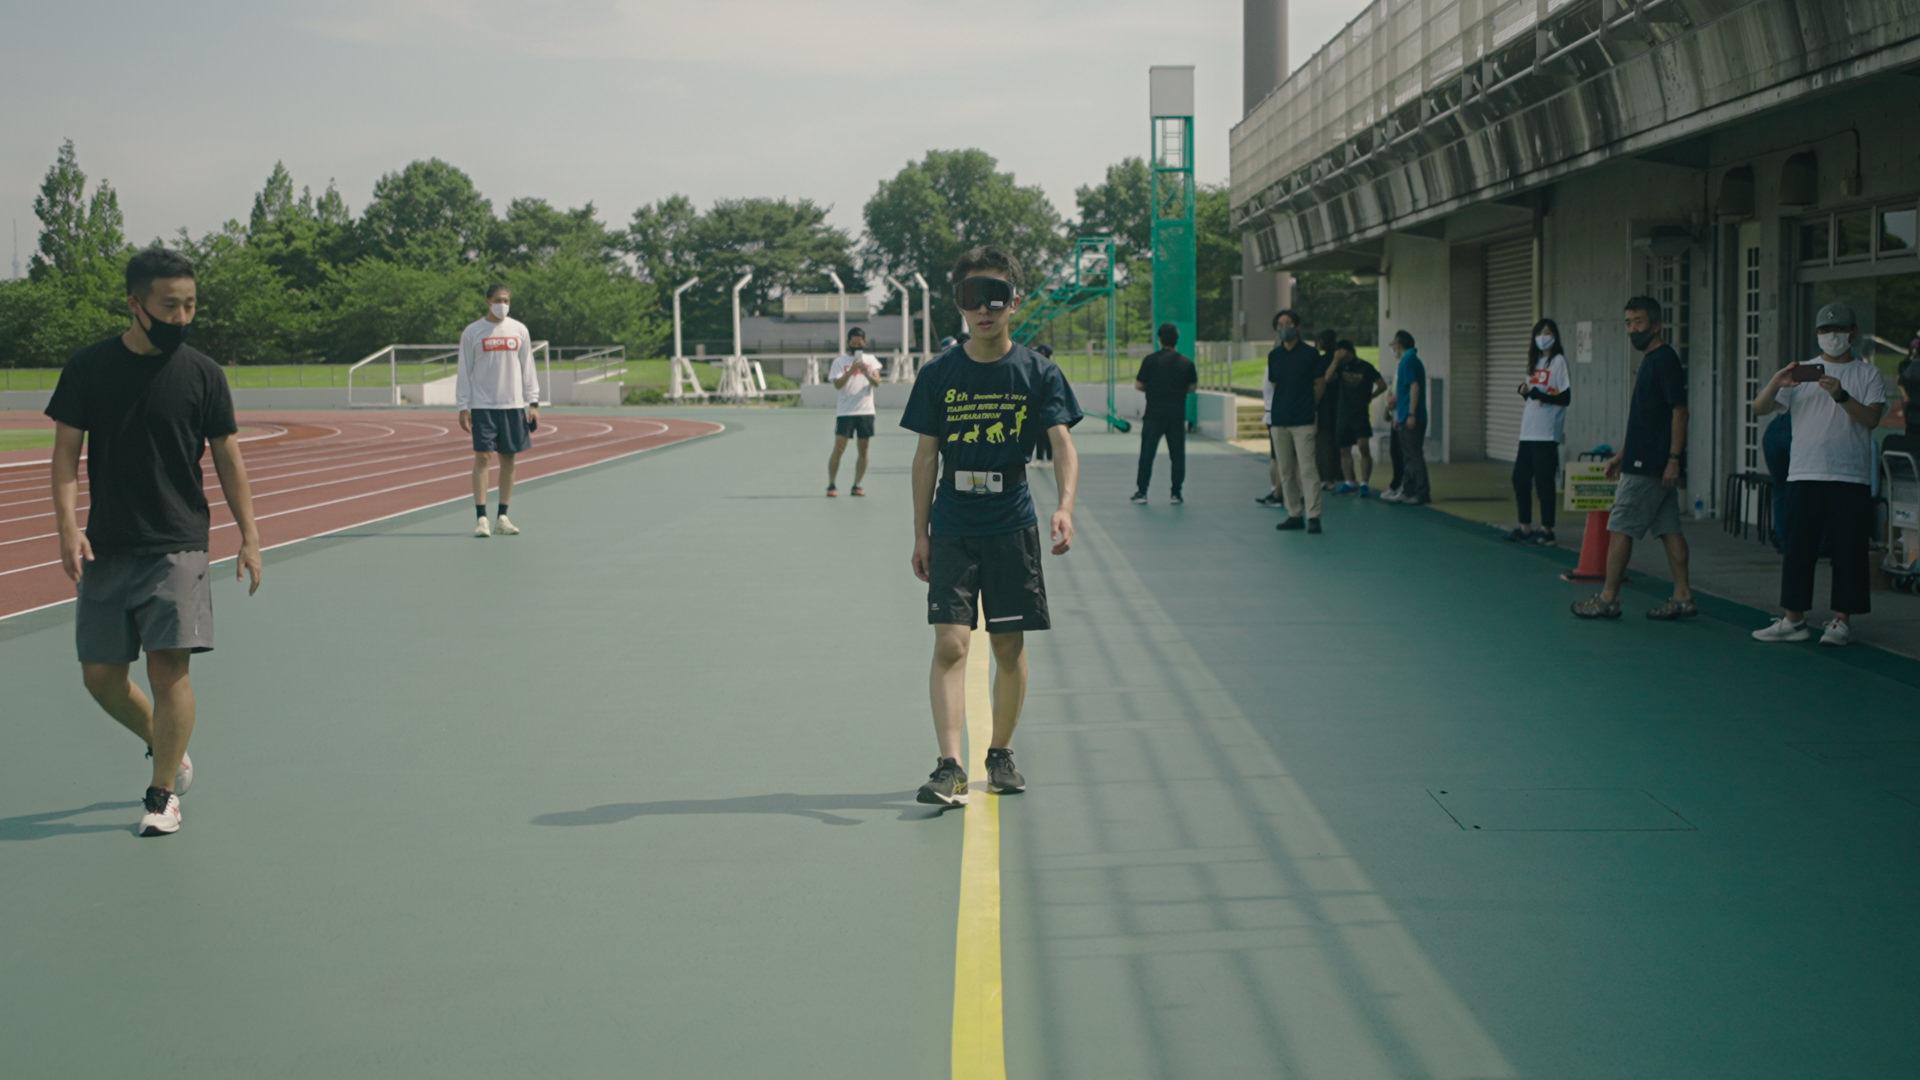 写真:アプリの挙動を確認しながらコース上を歩くアイマスクをした高校生の男性のテスト走者。